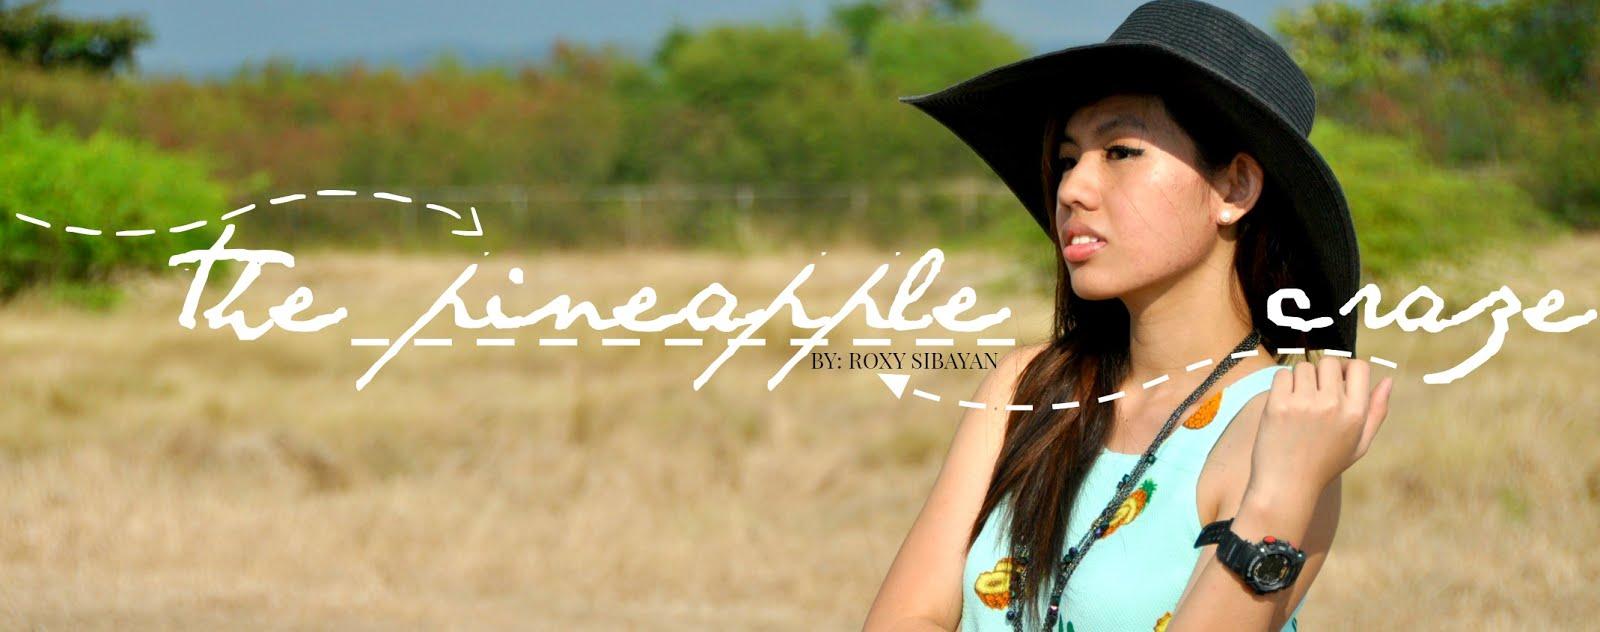 The Pineapple-Craze